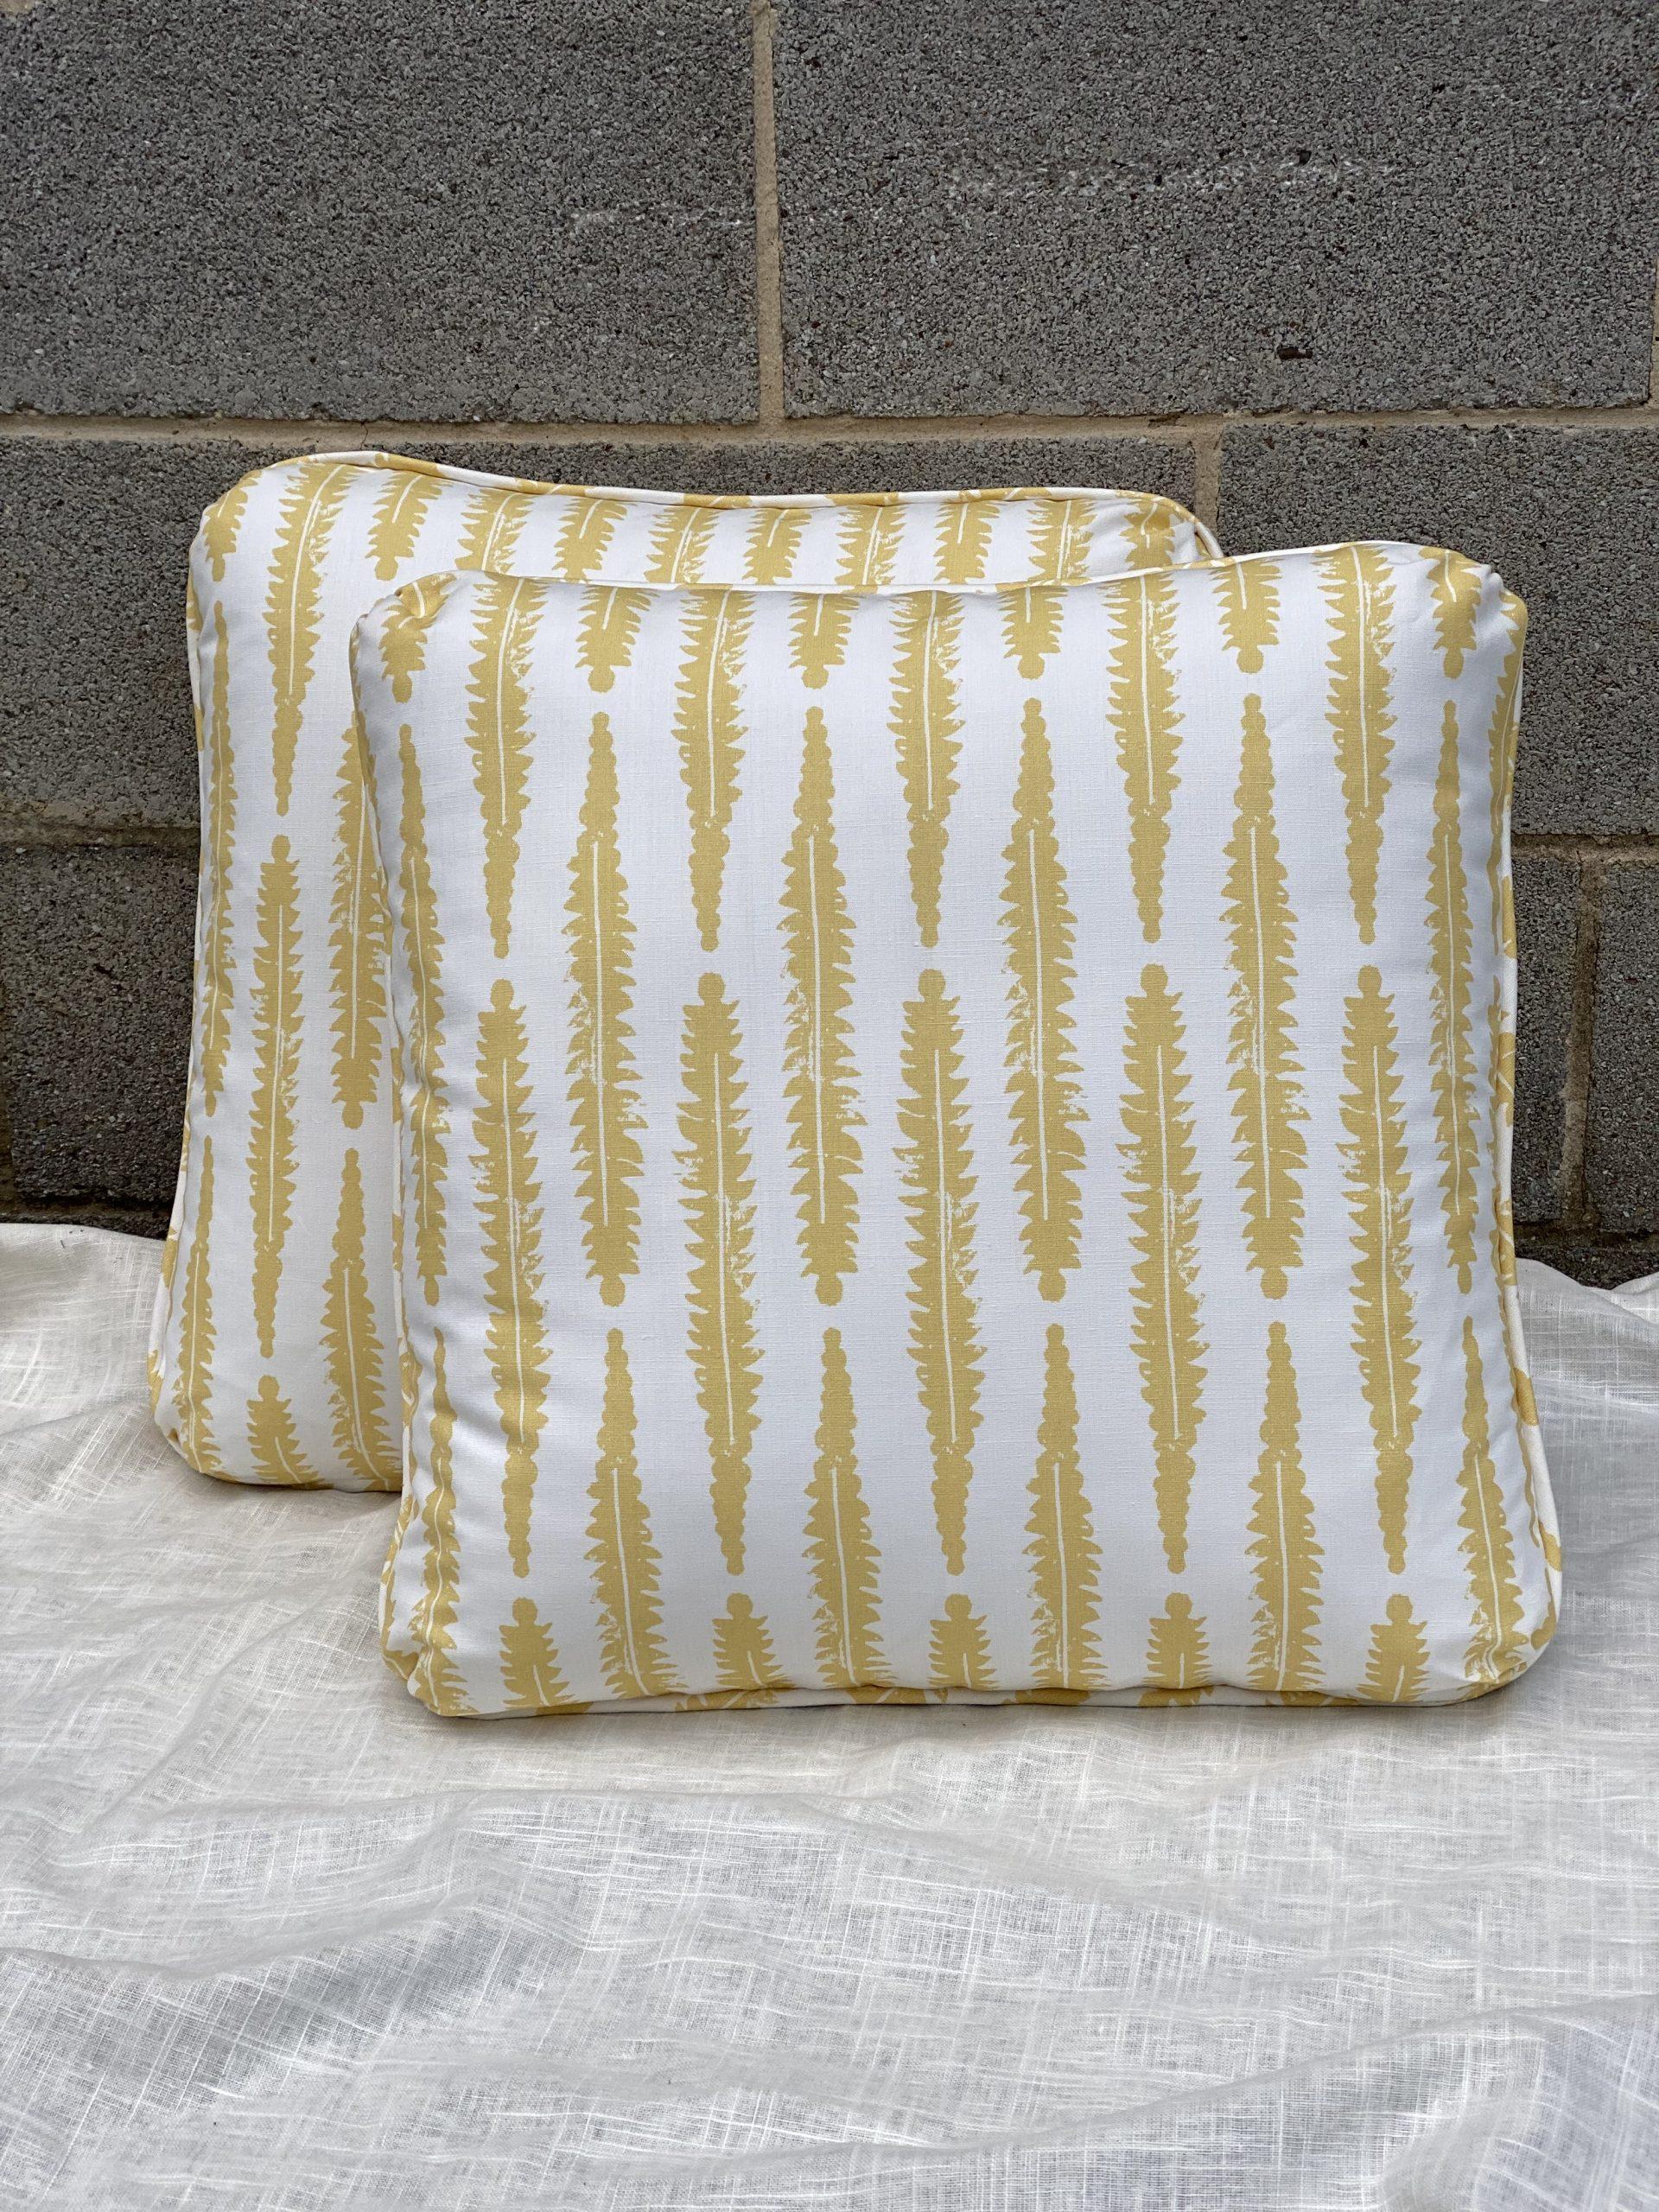 Botanical Pillows